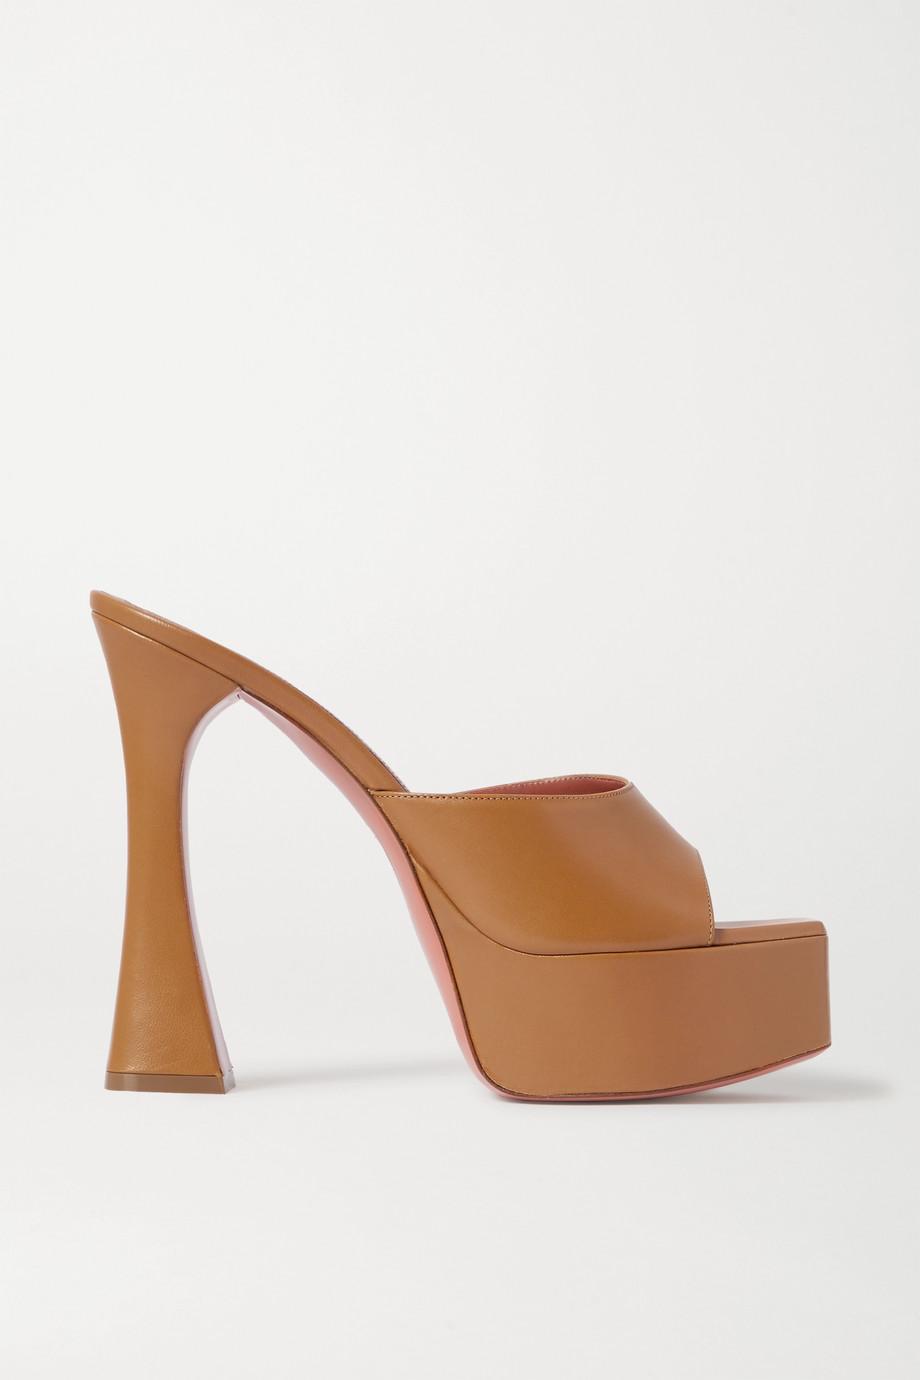 Amina Muaddi Mules plates-formes en cuir Dalida